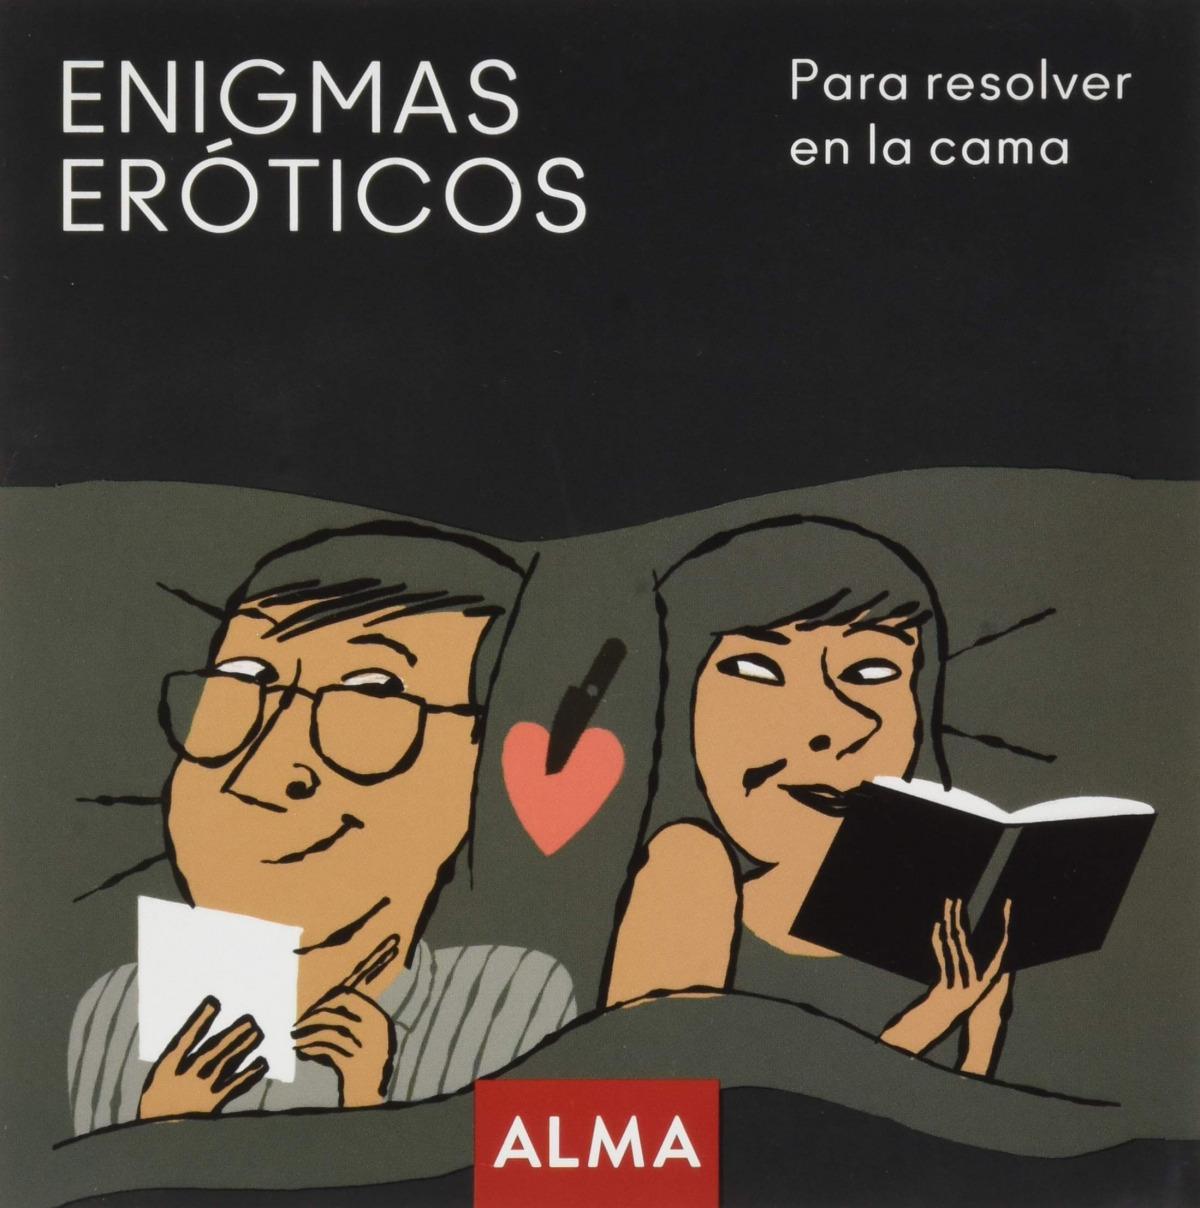 Enigmas eróticos para resolver en la cama 9788418008214